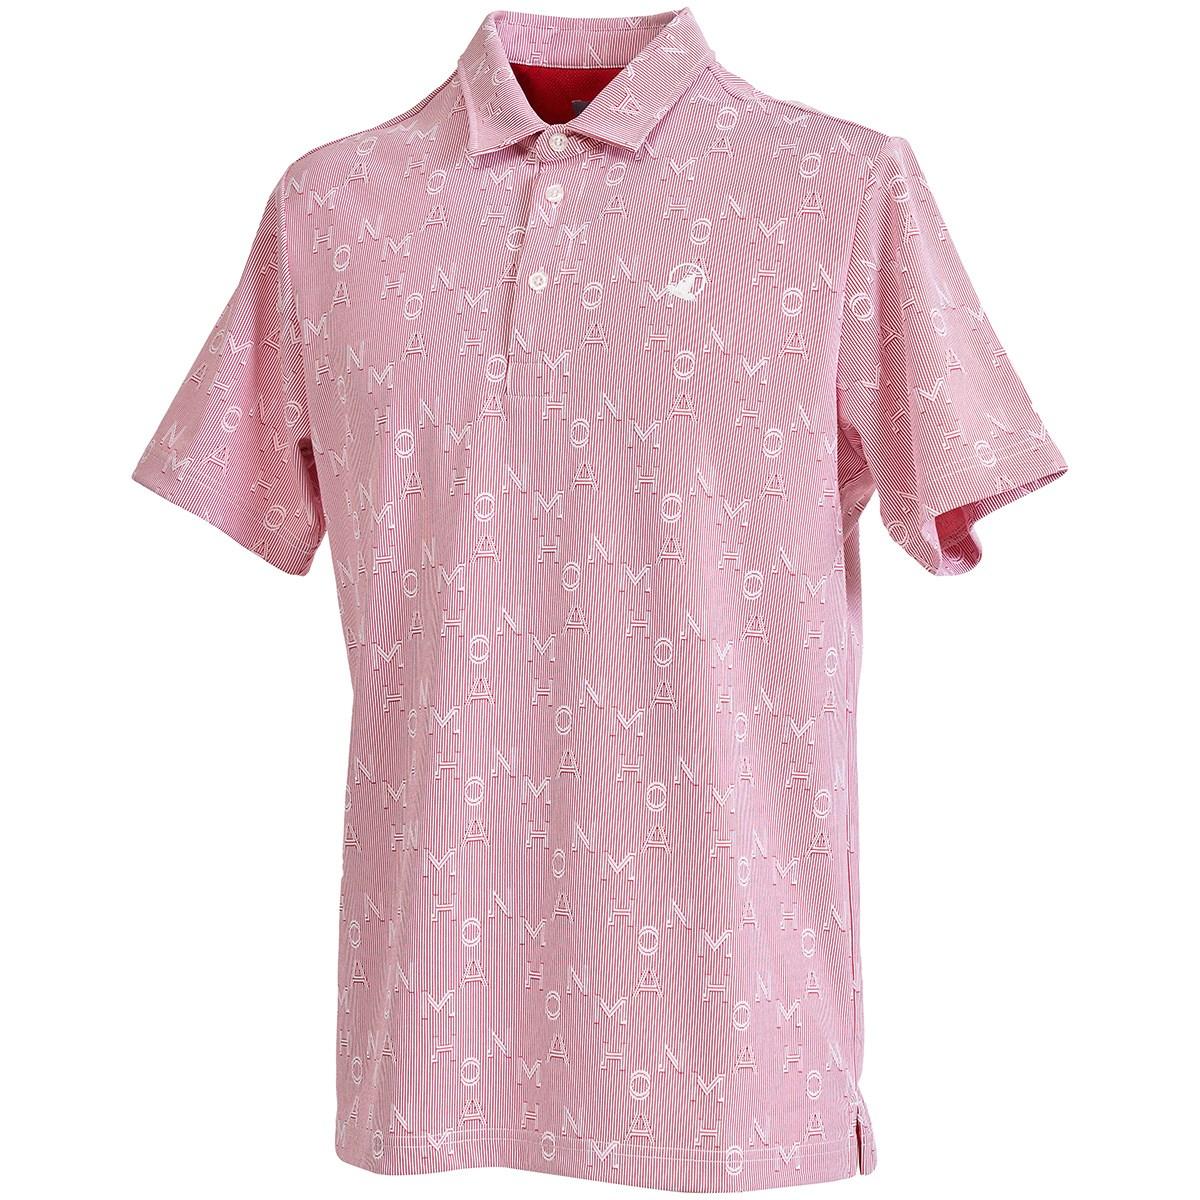 本間ゴルフ(HONMA GOLF) 半袖ポロシャツ